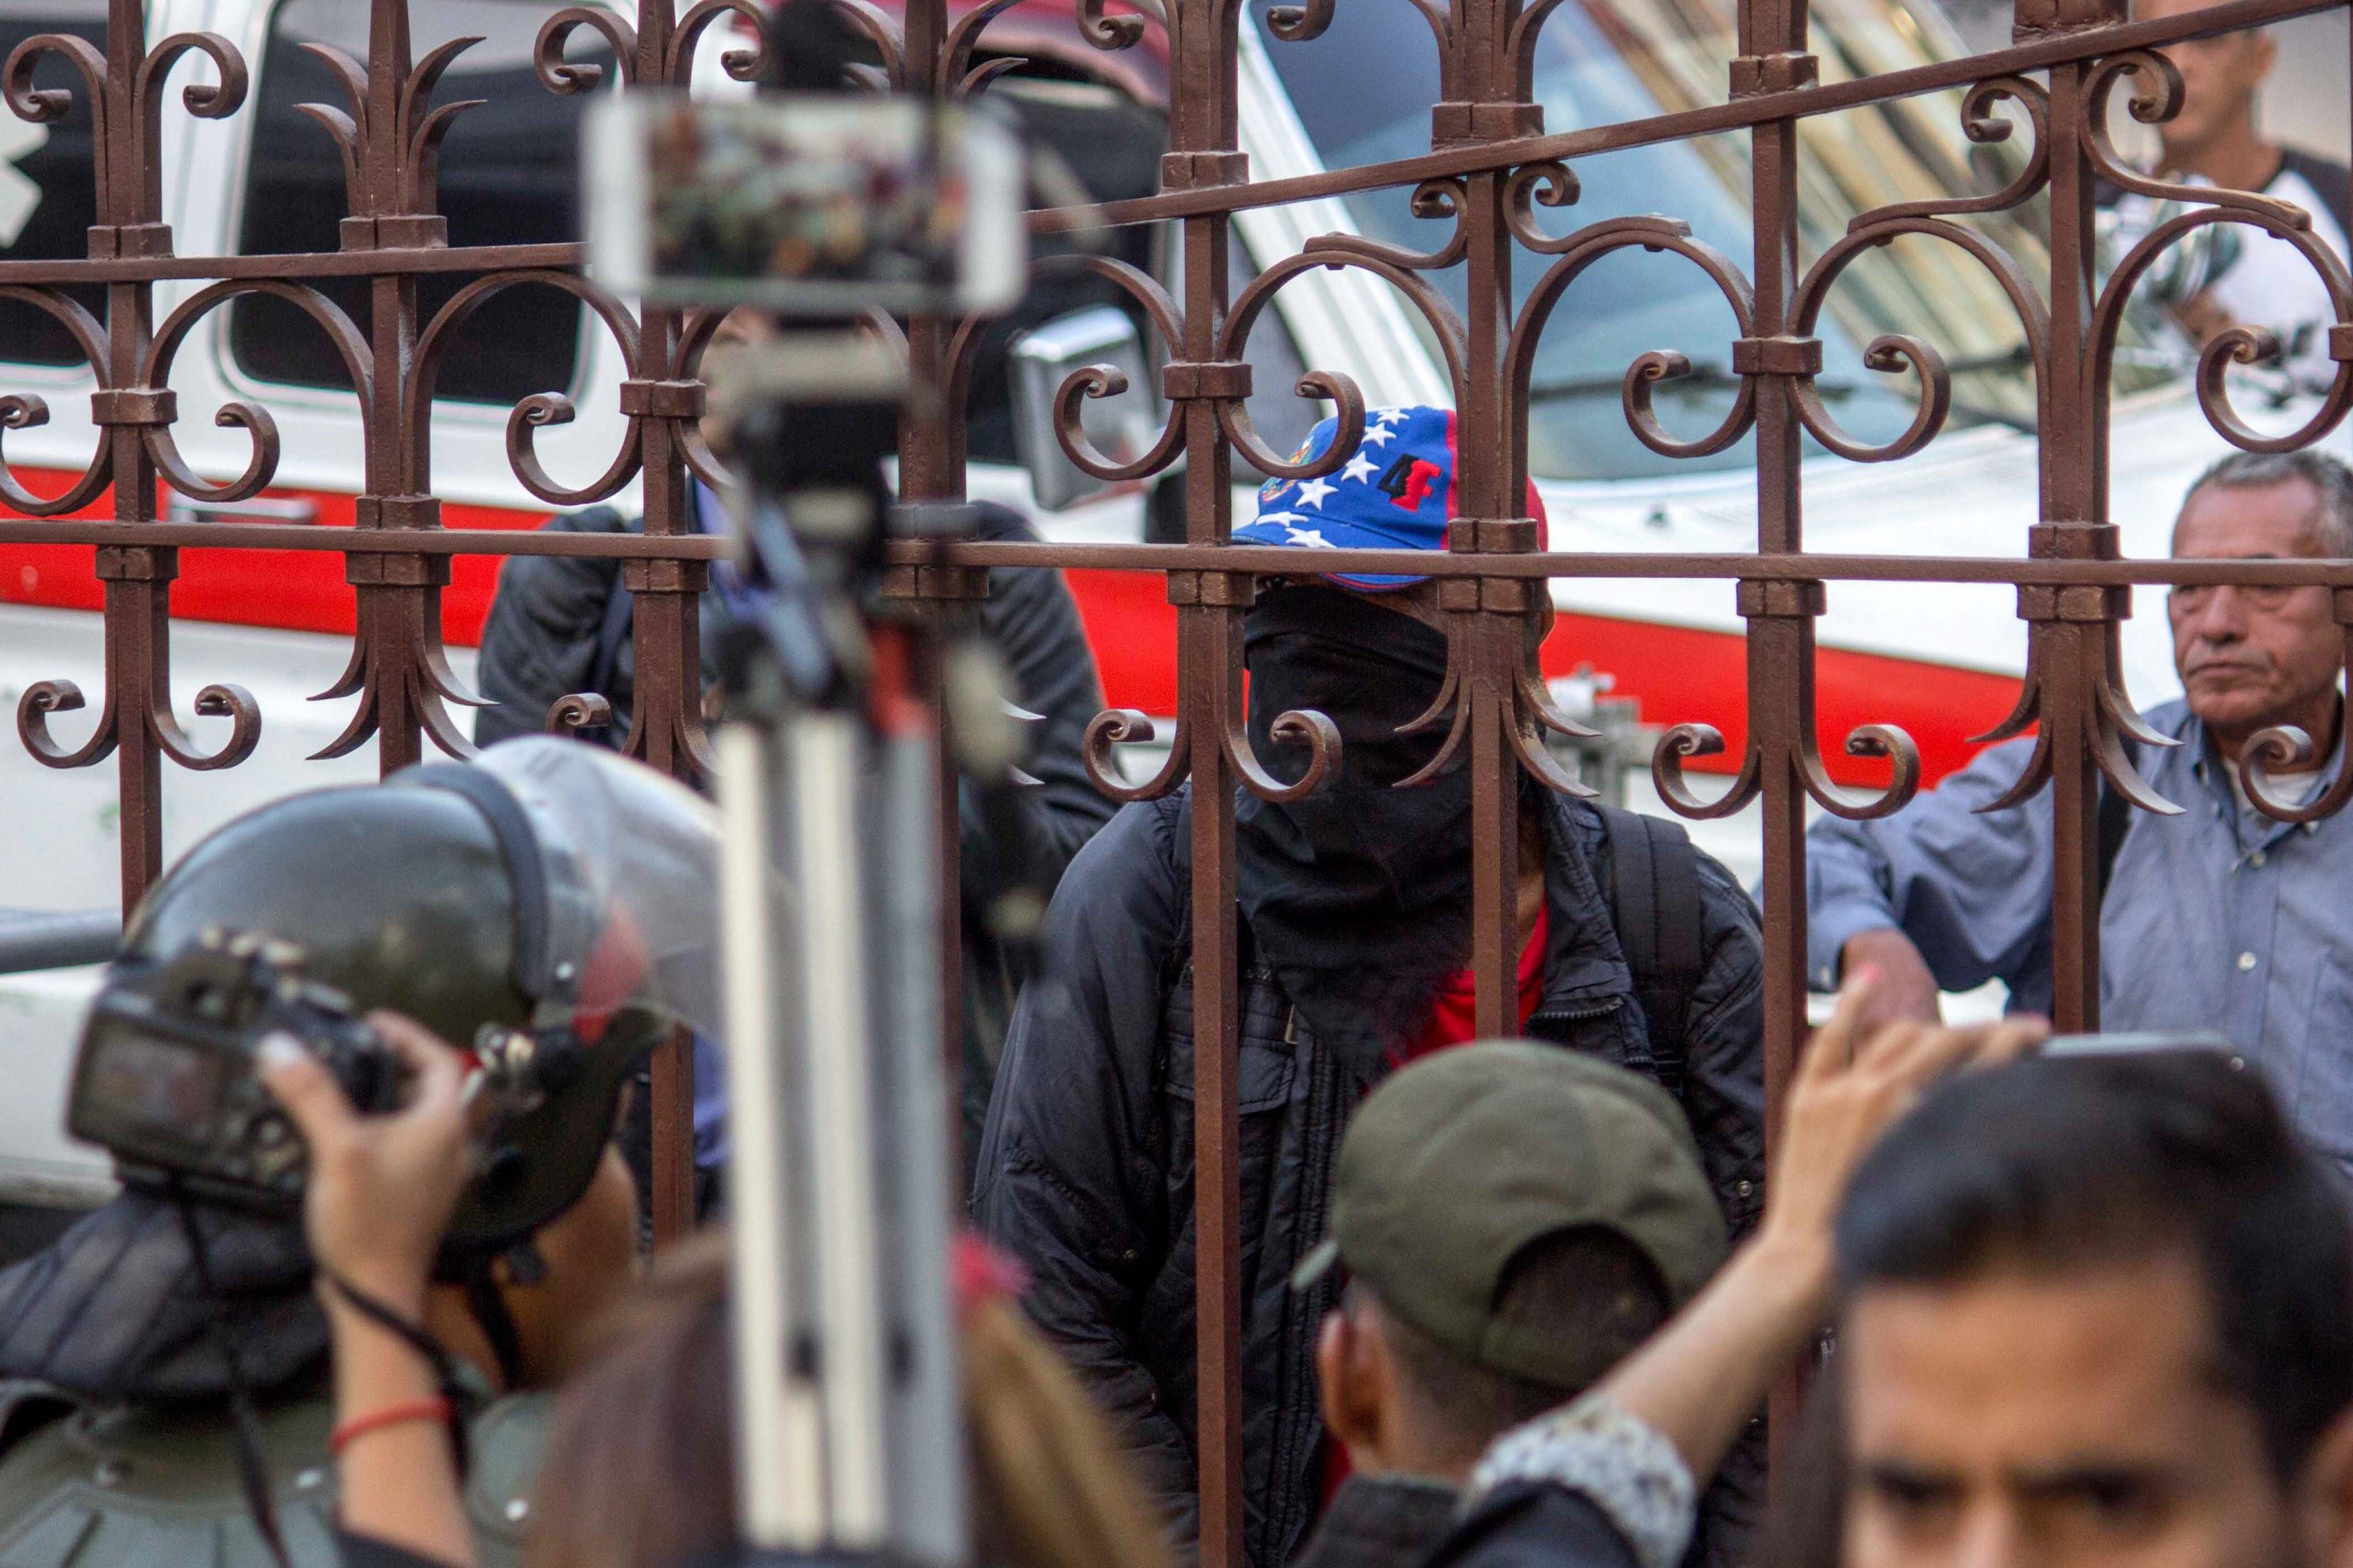 UE reitera apelo para fim da violência na Venezuela